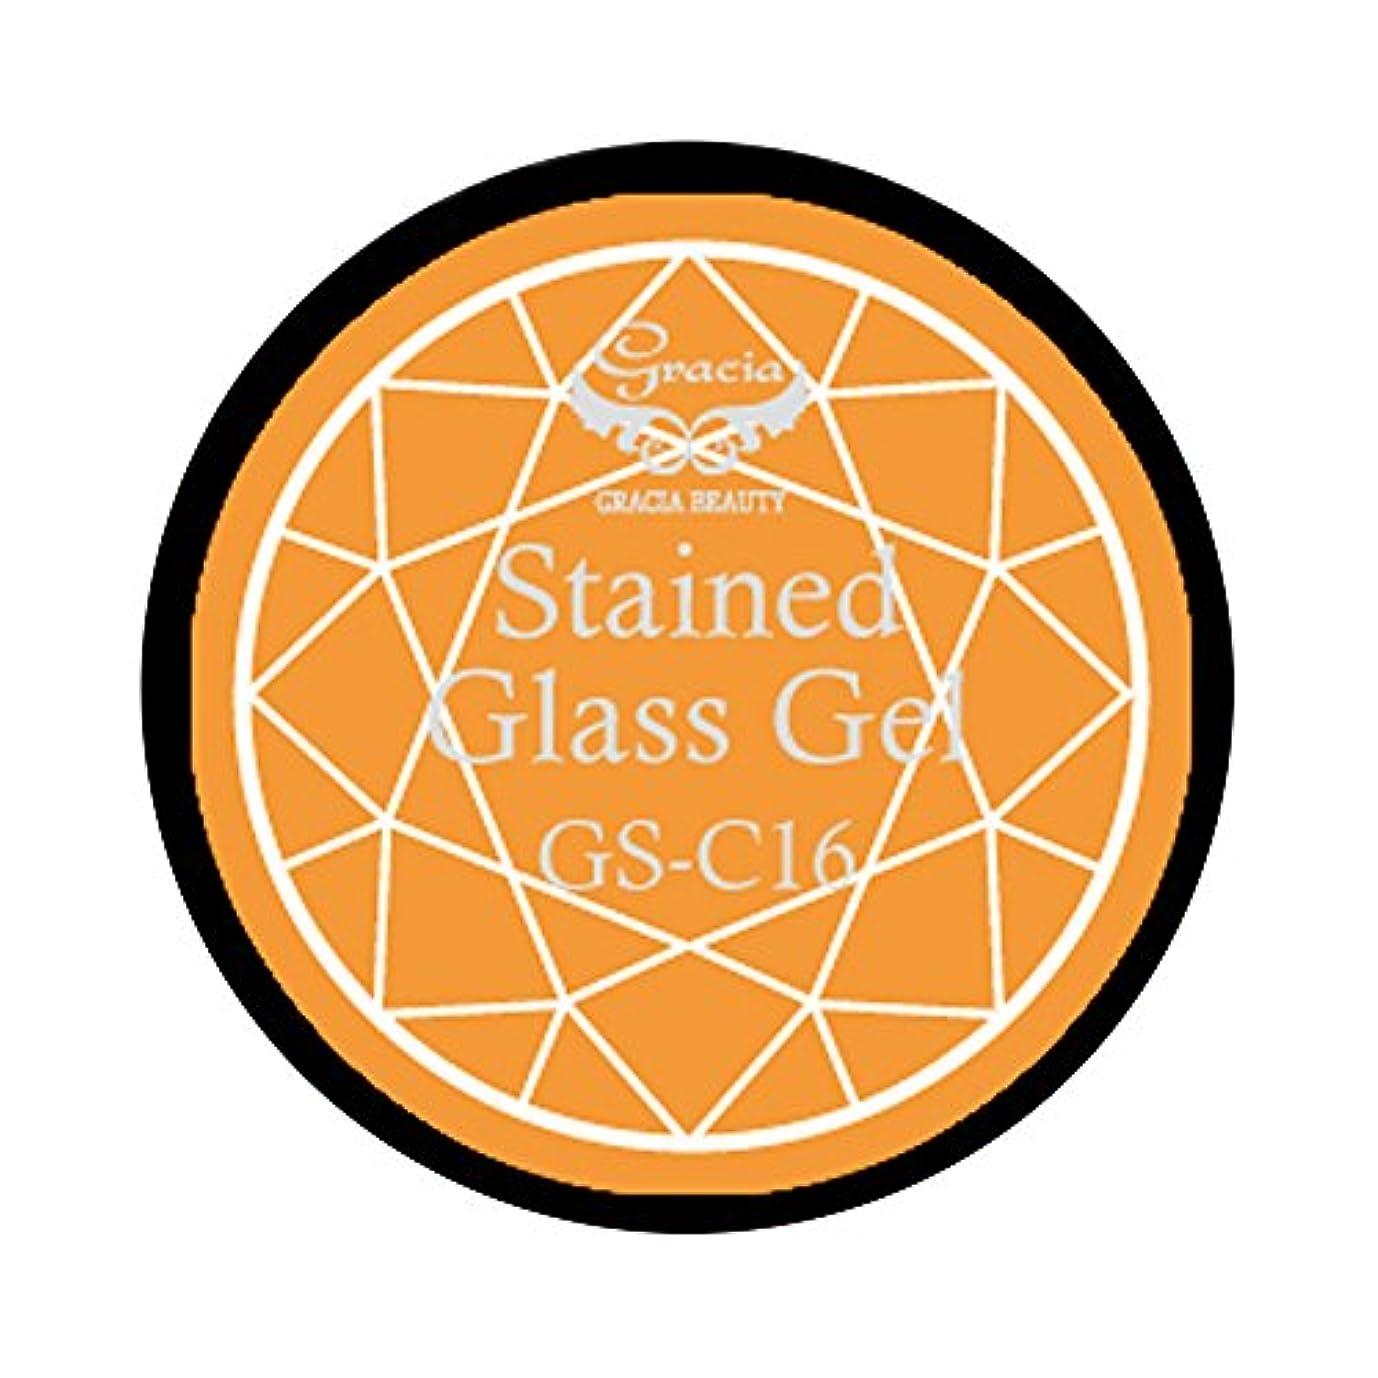 後悔弾薬鉄道駅グラシア ジェルネイル ステンドグラスジェル GSM-C16 3g  クリア UV/LED対応 カラージェル ソークオフジェル ガラスのような透明感